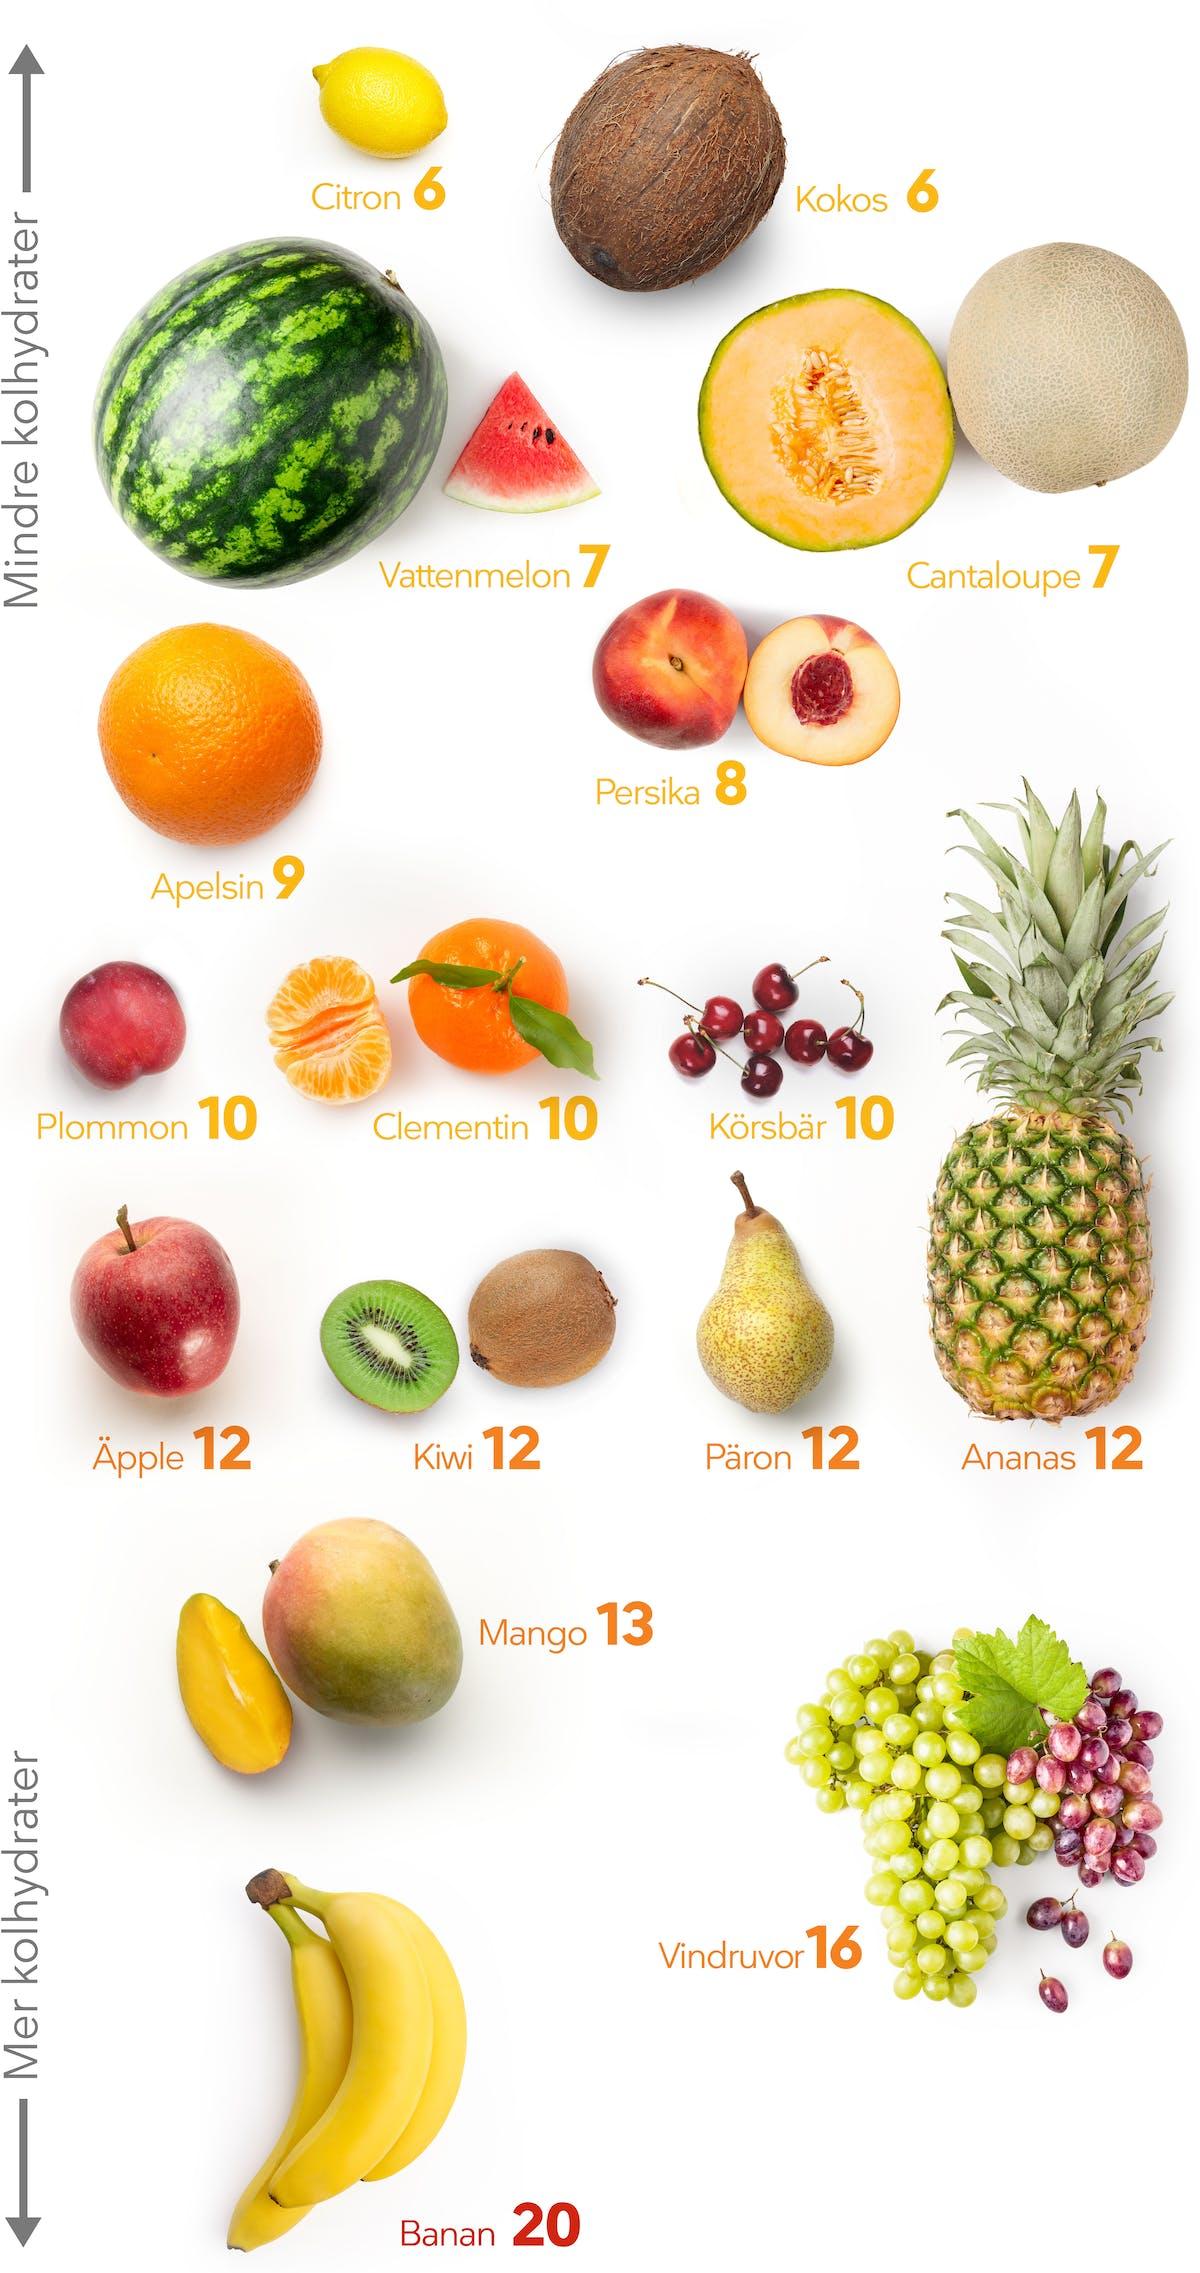 LCHF visuella guider frukt